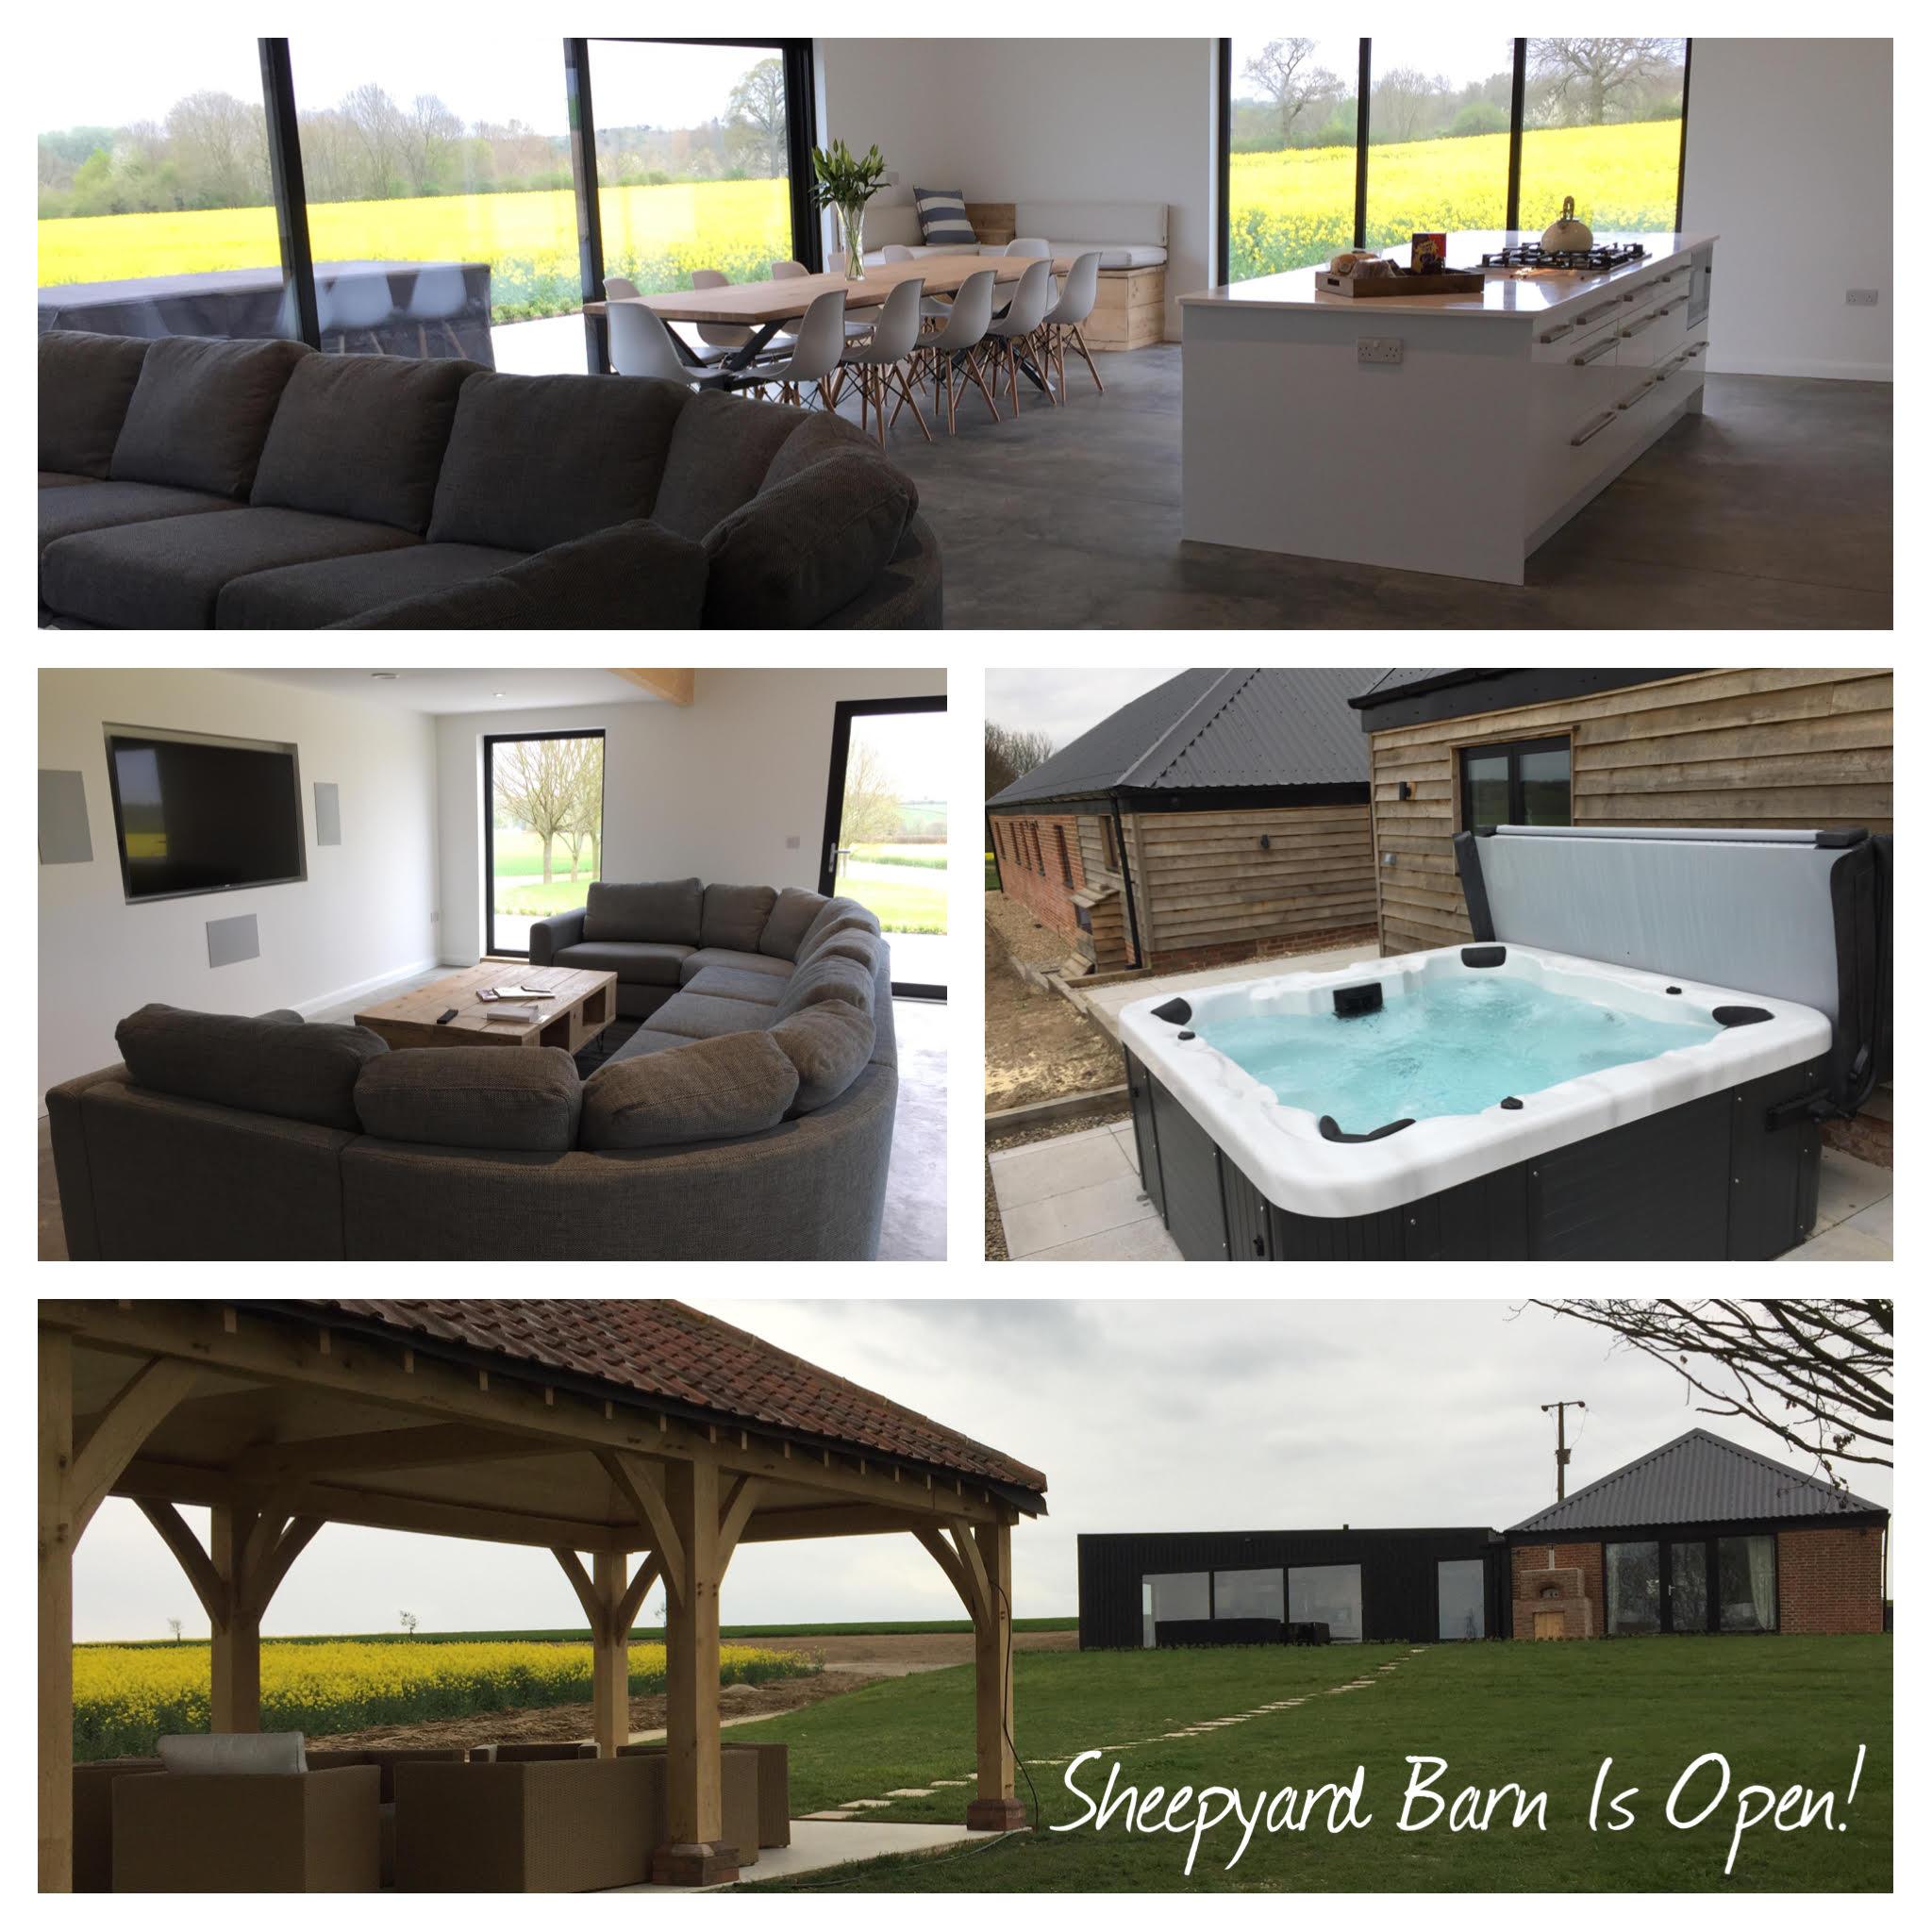 Sheepyard Barn is Open